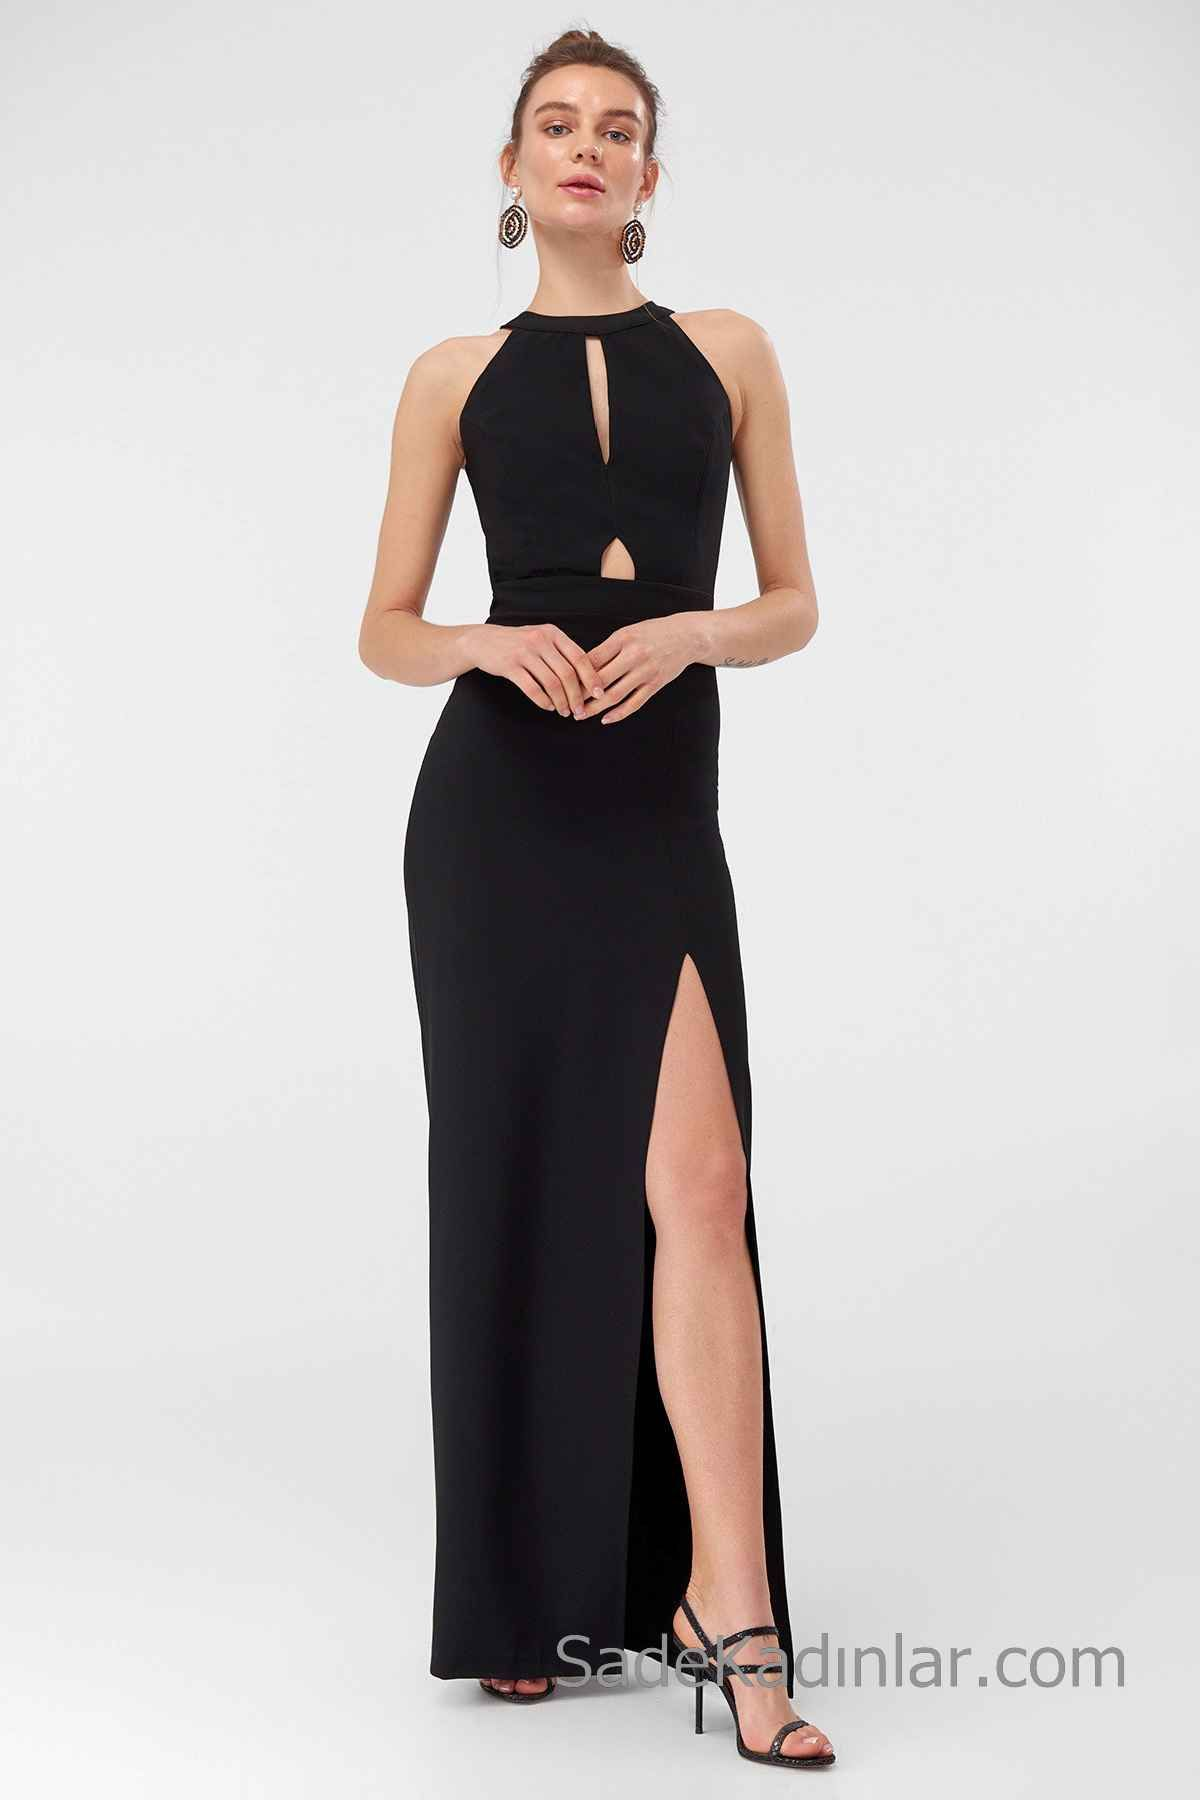 2020 Uzun Abiye Modelleri Siyah Uzun Halter Yaka Dekolteli Onden Yirtmacli Aksamustu Giysileri Elbise The Dress